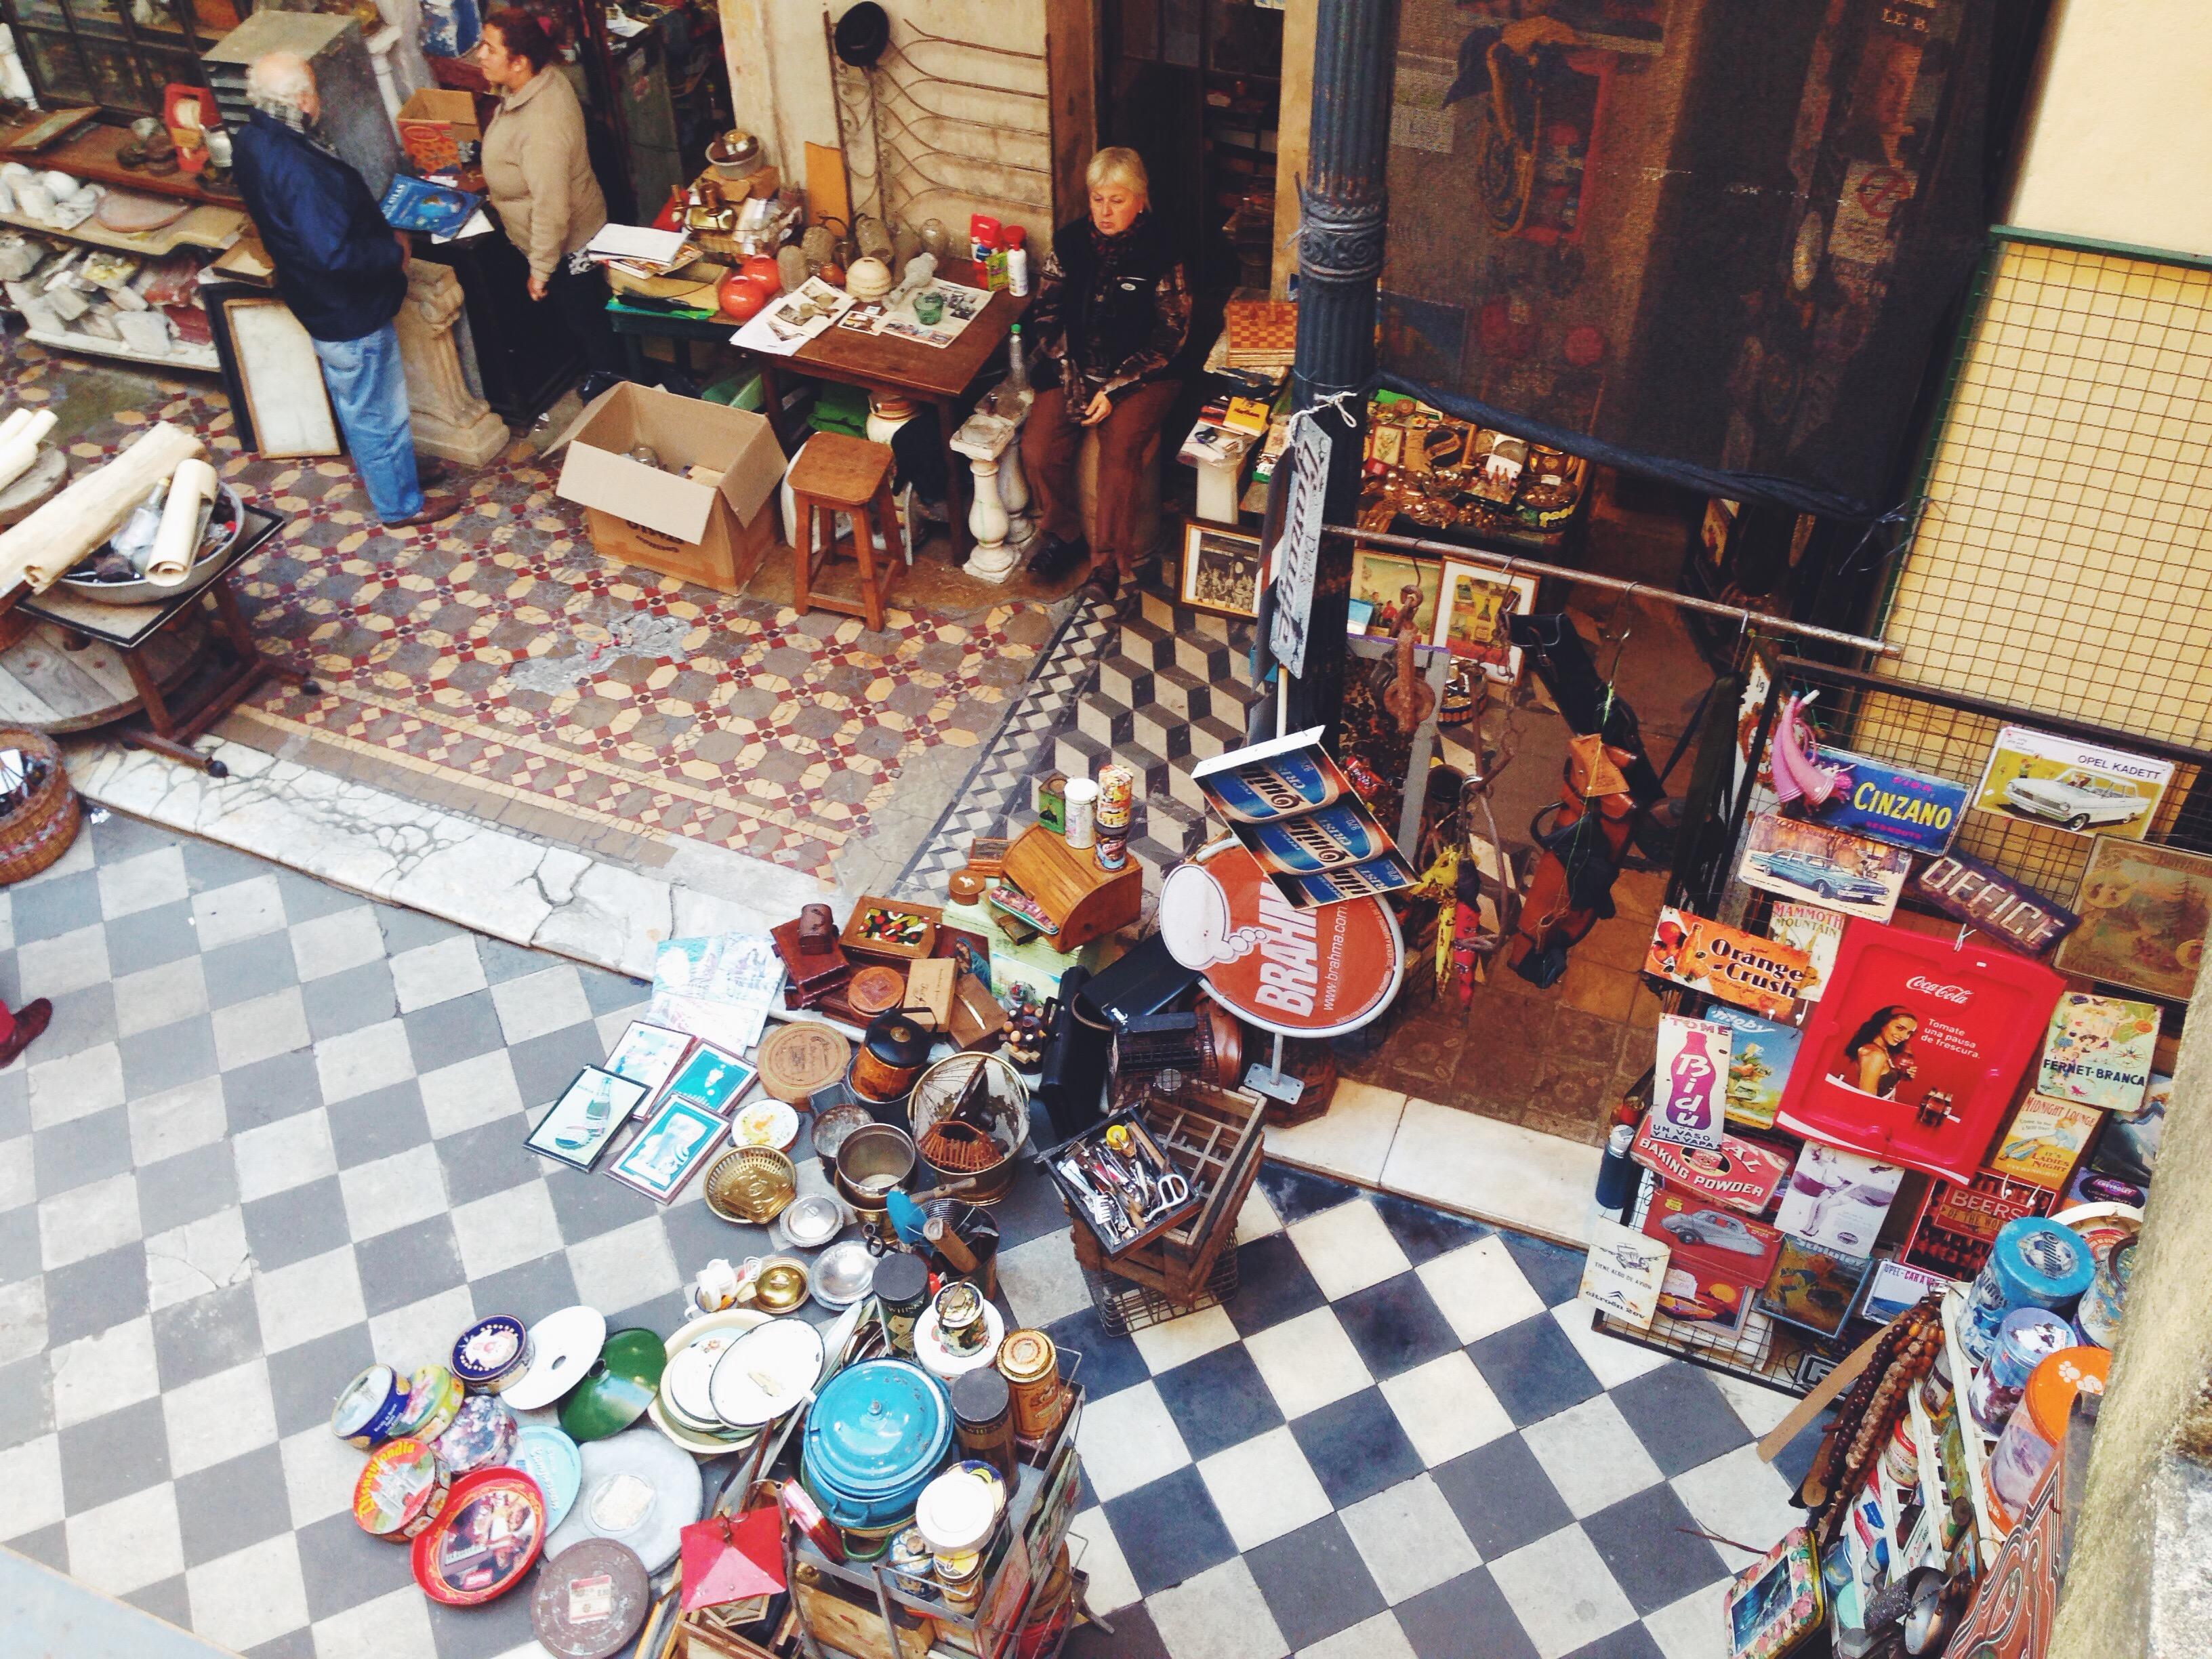 Mercatini vintage alla Feria de San Telmo